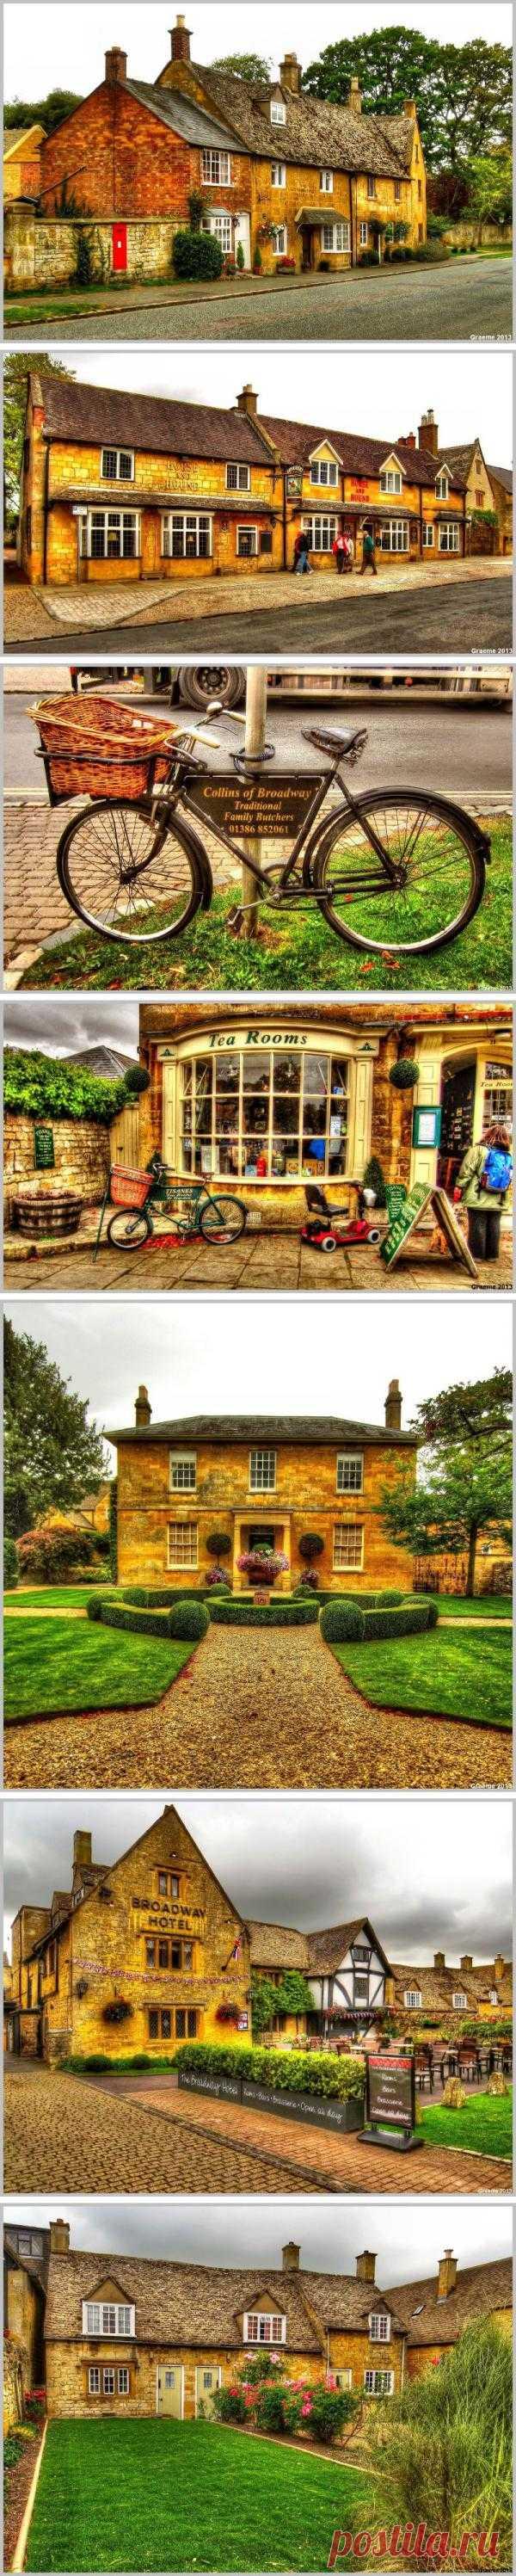 Деревня Бродвей является центром искусства и антиквариата и одной из туристических мекк Англии. Многие здания существовали здесь ещё в 16 веке. Деревня Бродвей, Великобритания